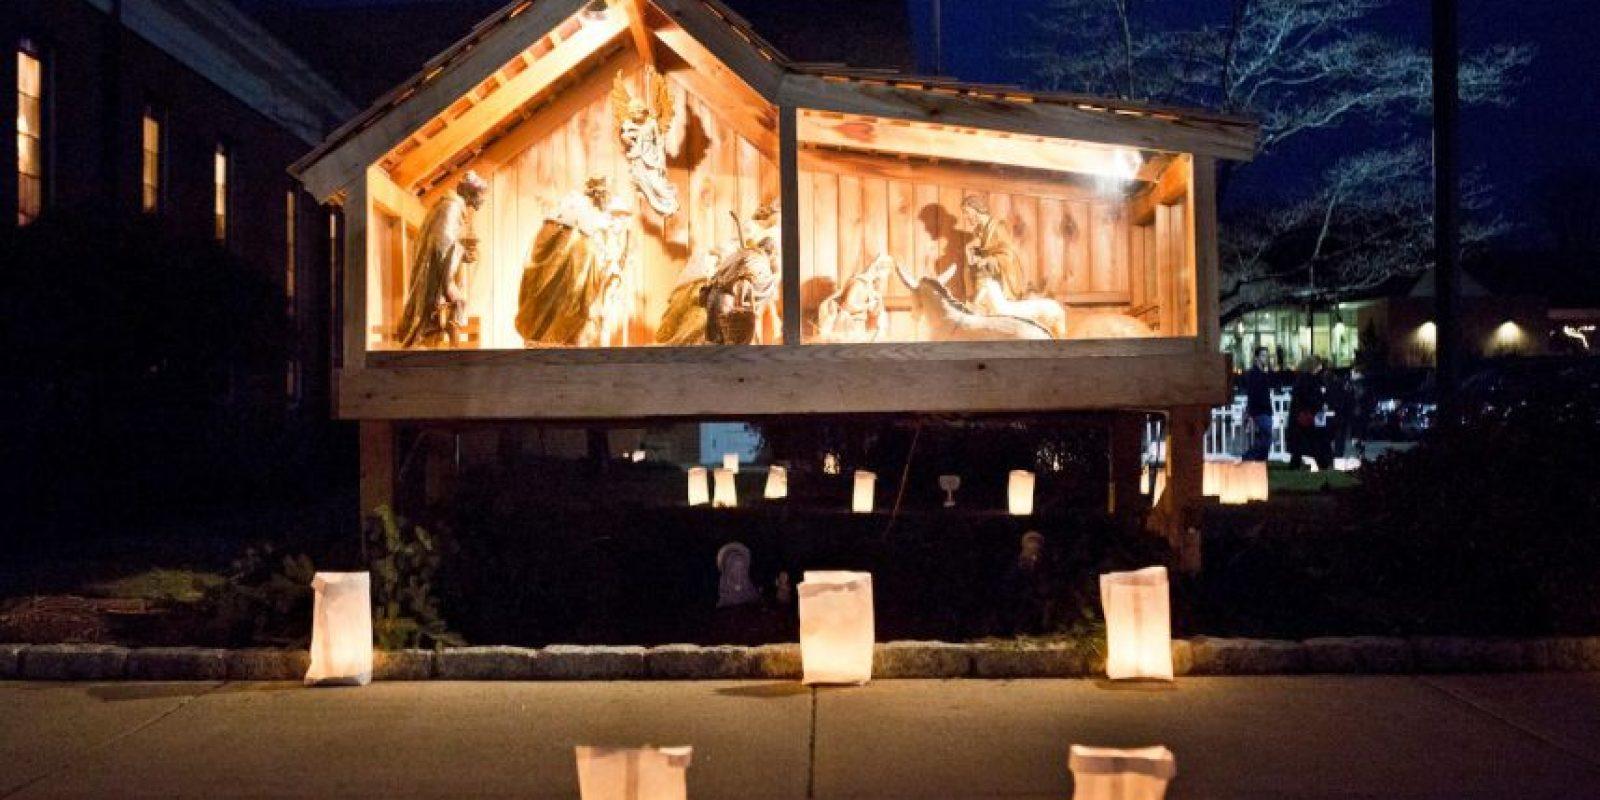 El pequeño se encontraba en un pesebre, del nacimiento que se ha colocado en la iglesia. Foto:Getty Images